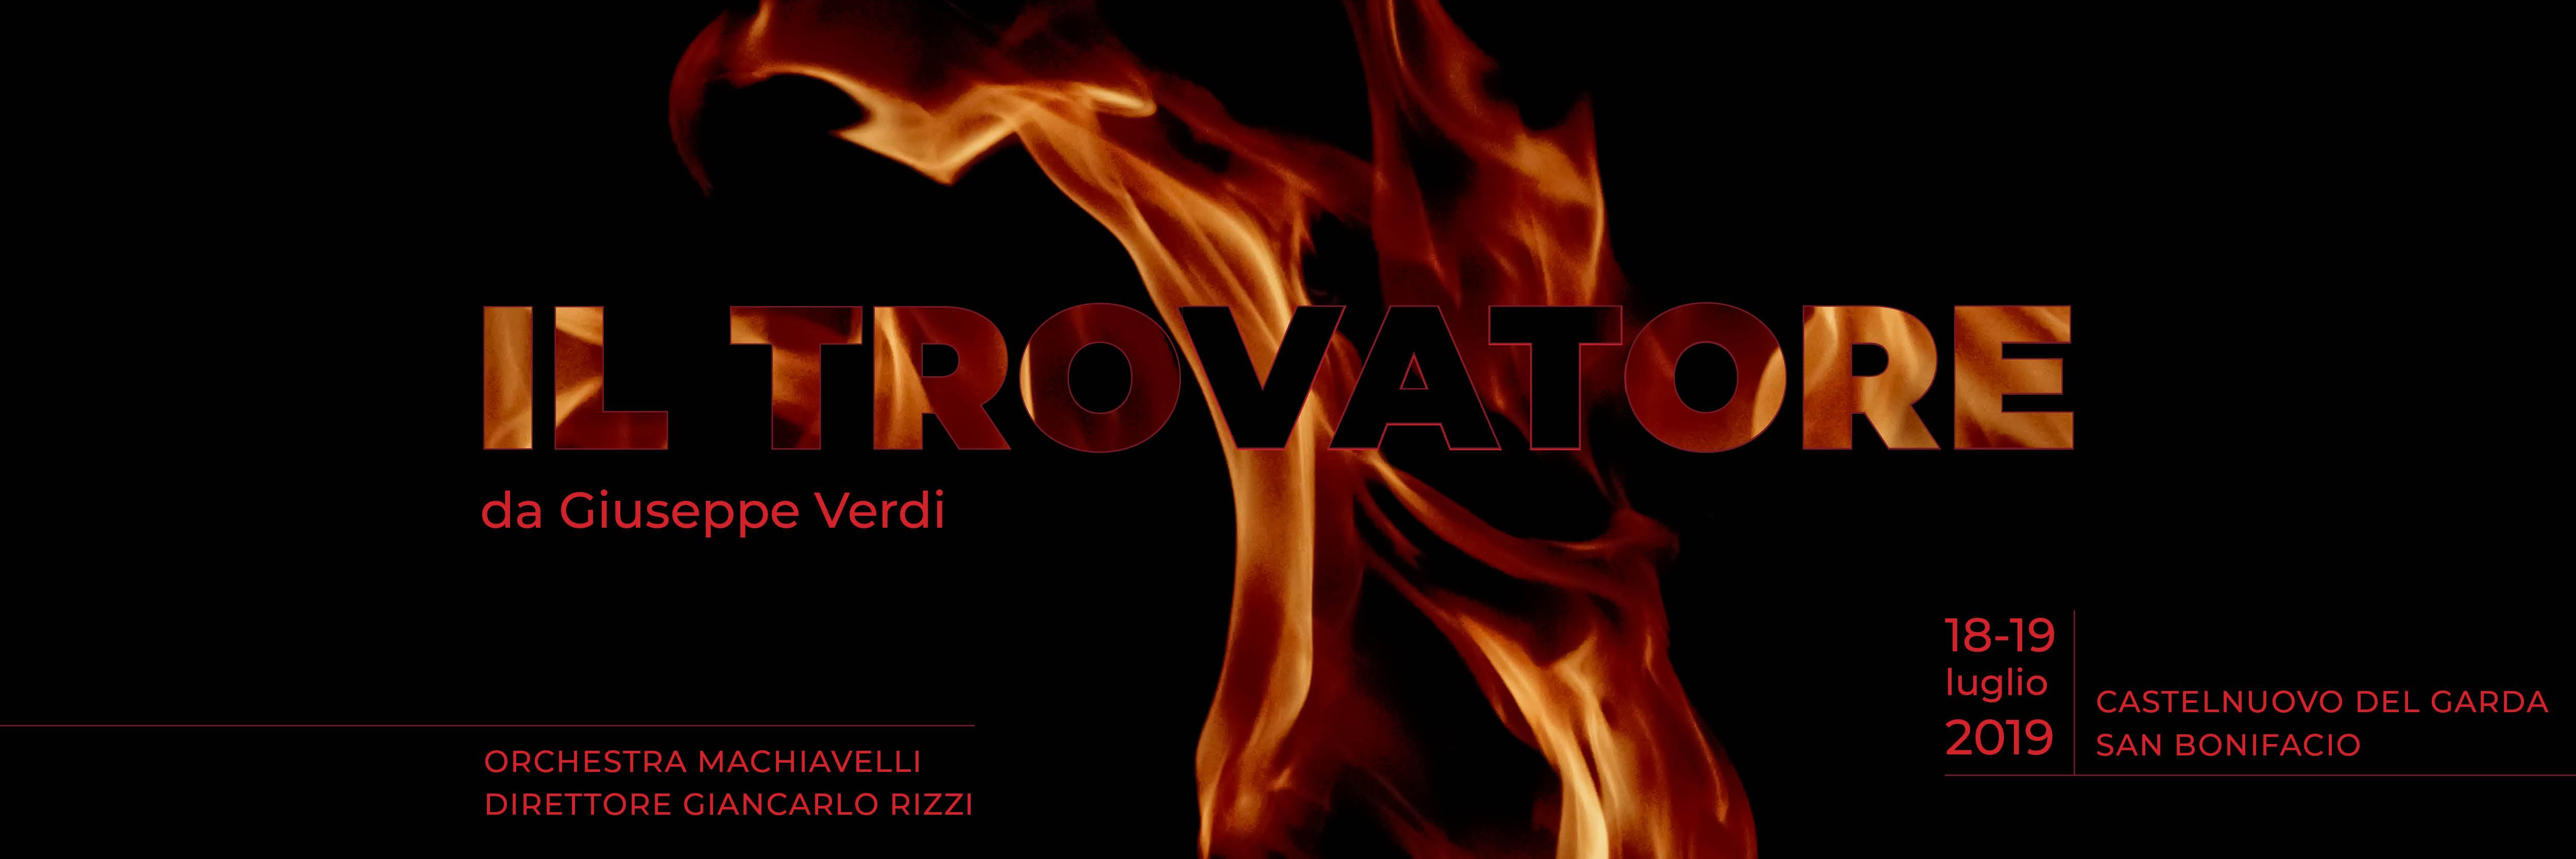 Il Trovatore-opera-Orchestra-Machiavelli